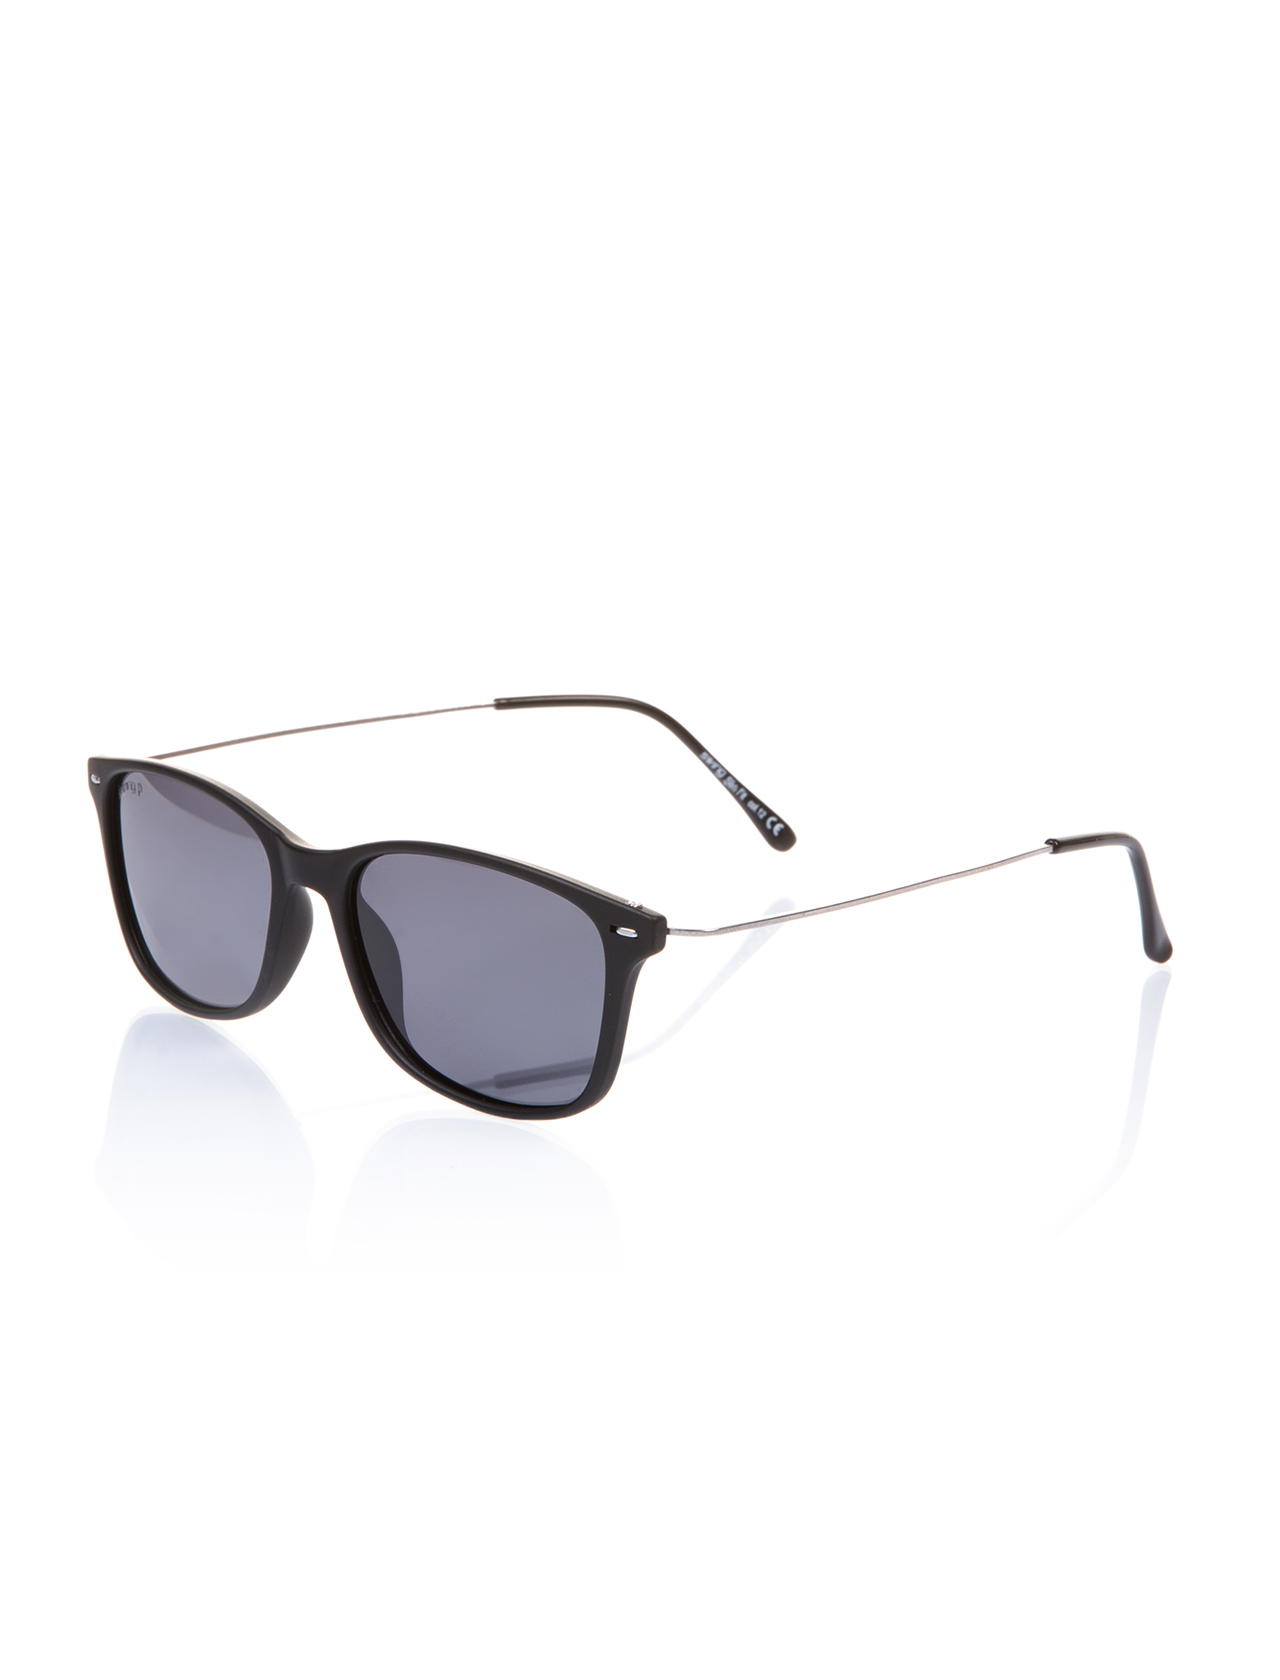 Men's sunglasses sw 202 12 bone black unspecified 53-swing